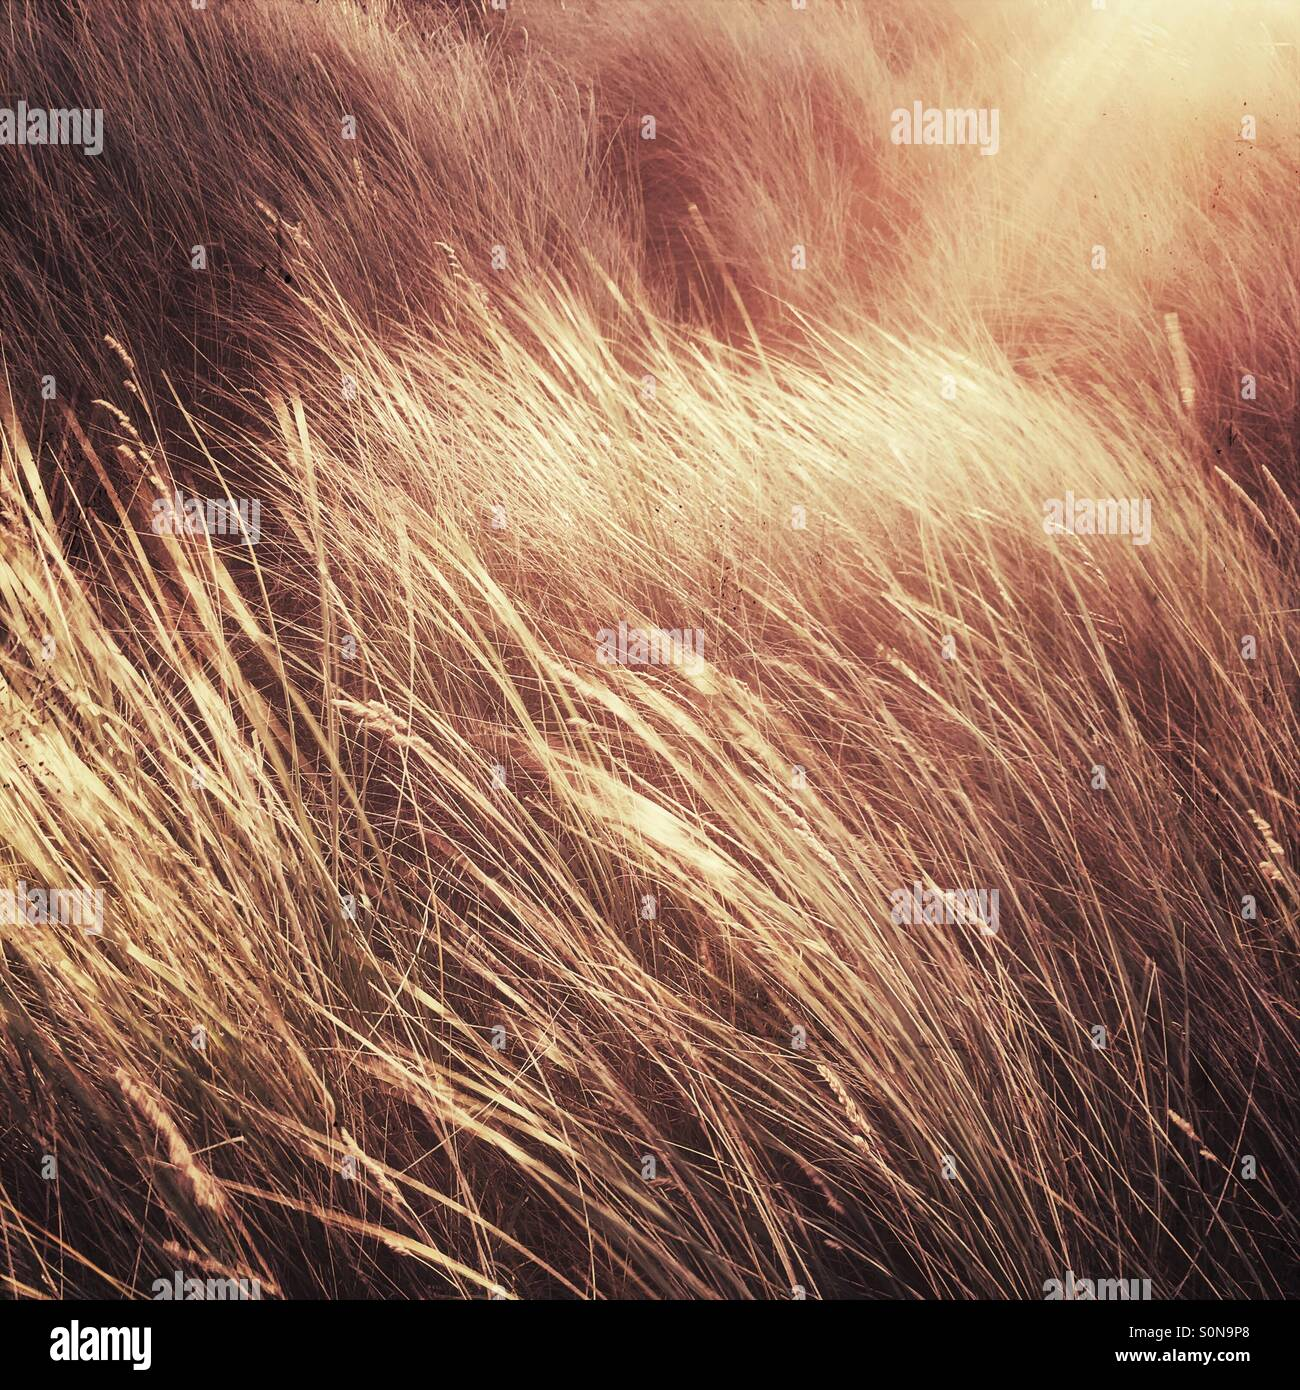 Sunshine on sand dunes - Stock Image